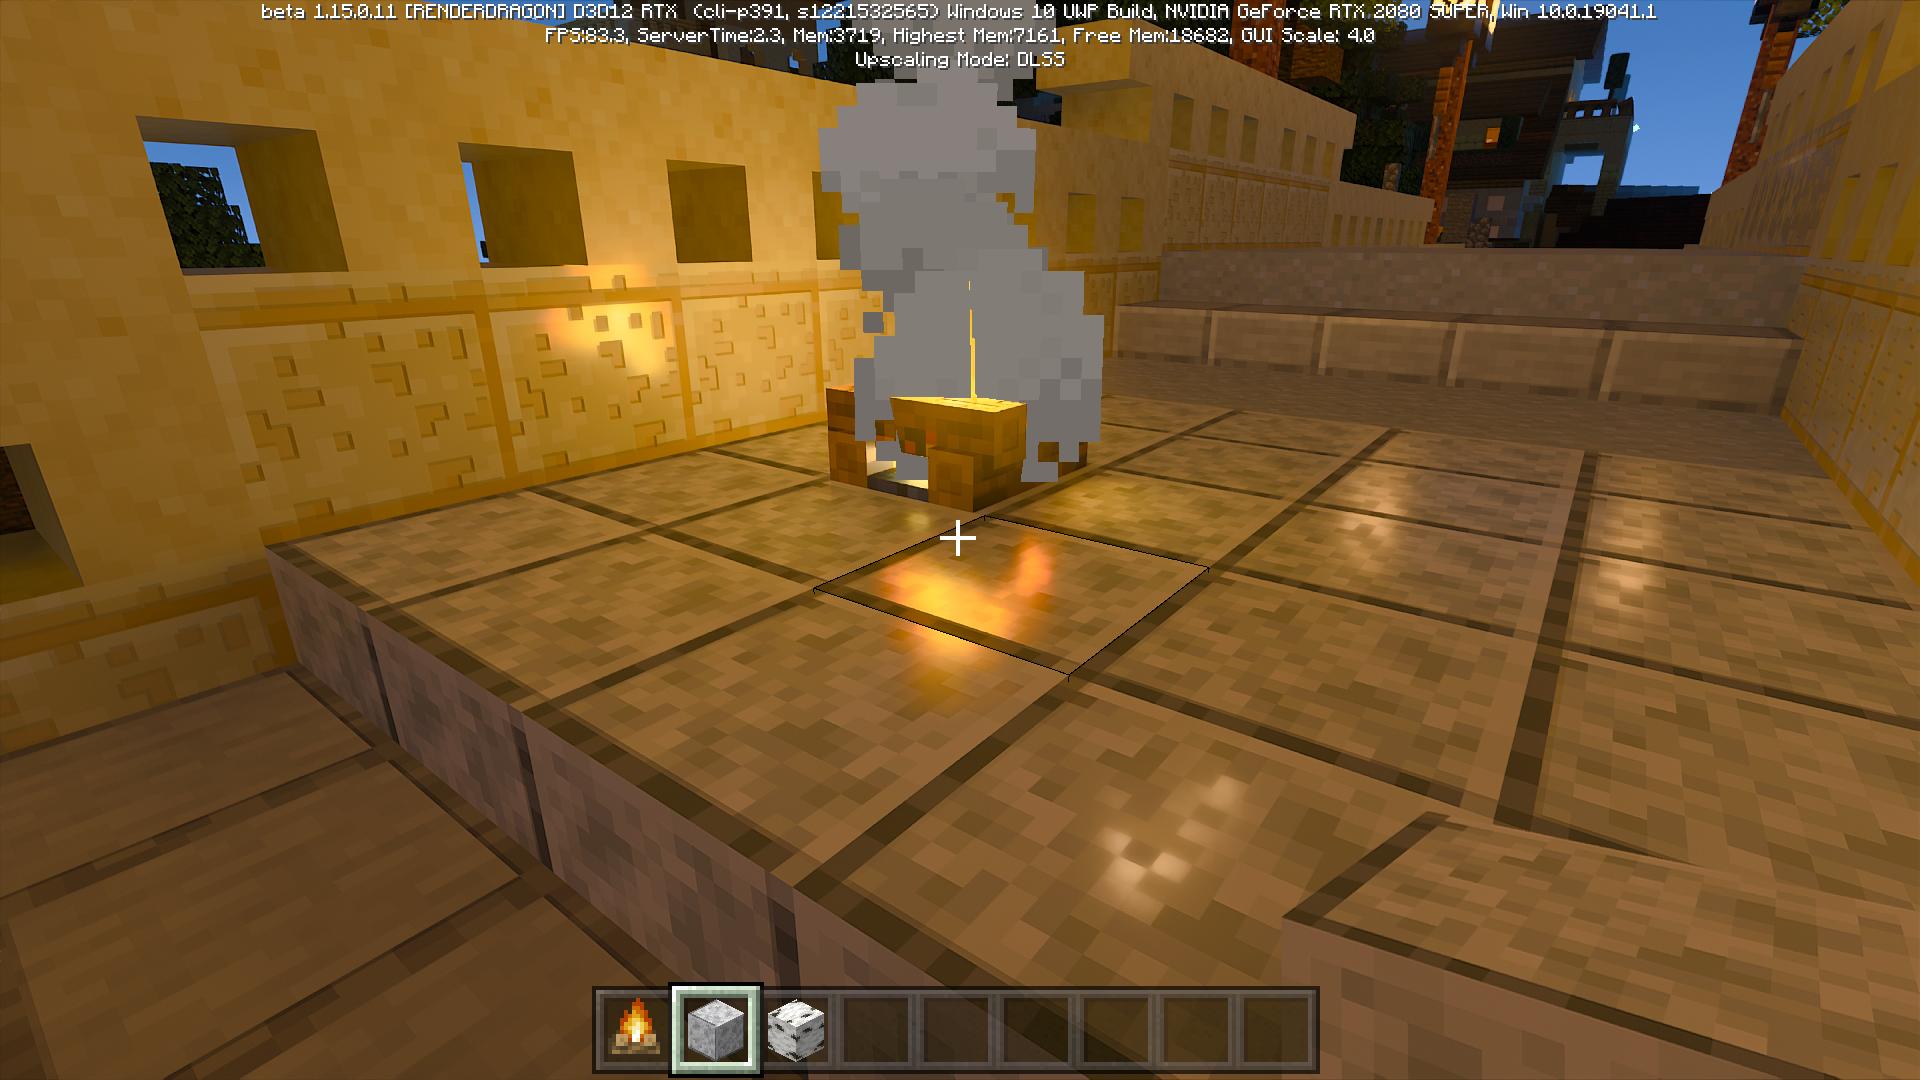 光の映り込みや反射がリアルに表現されるようになる。床に映り込んだたき火はリアルにゆらめく